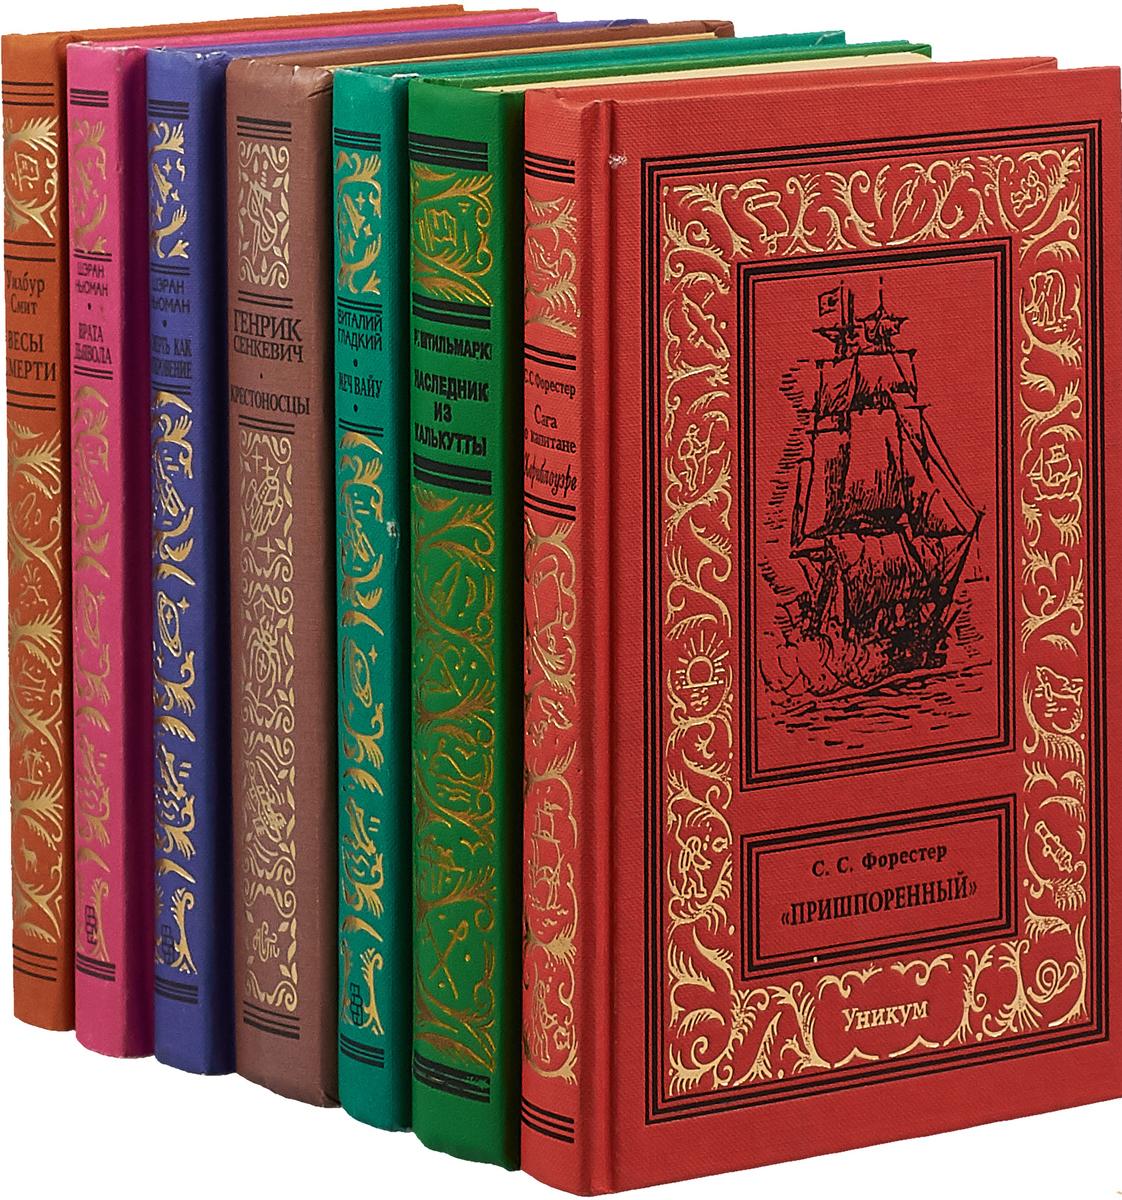 Серия Классическая библиотека приключений и научной фантастики (комплект из 7 книг) серия библиотека морских приключений комплект из 8 книг